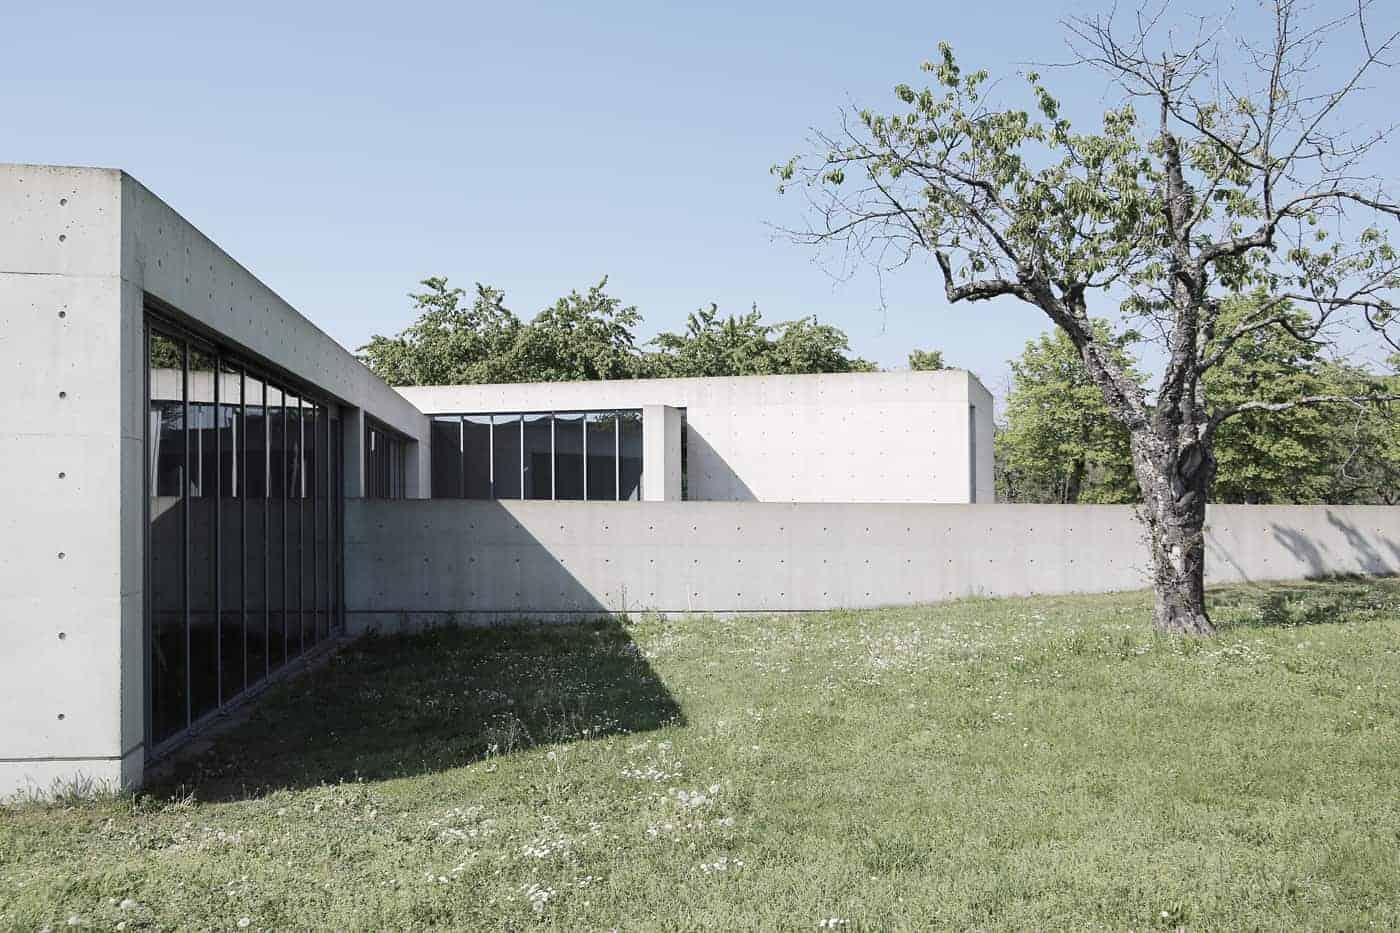 Vitra Conference Pavilion by Tadao Ando